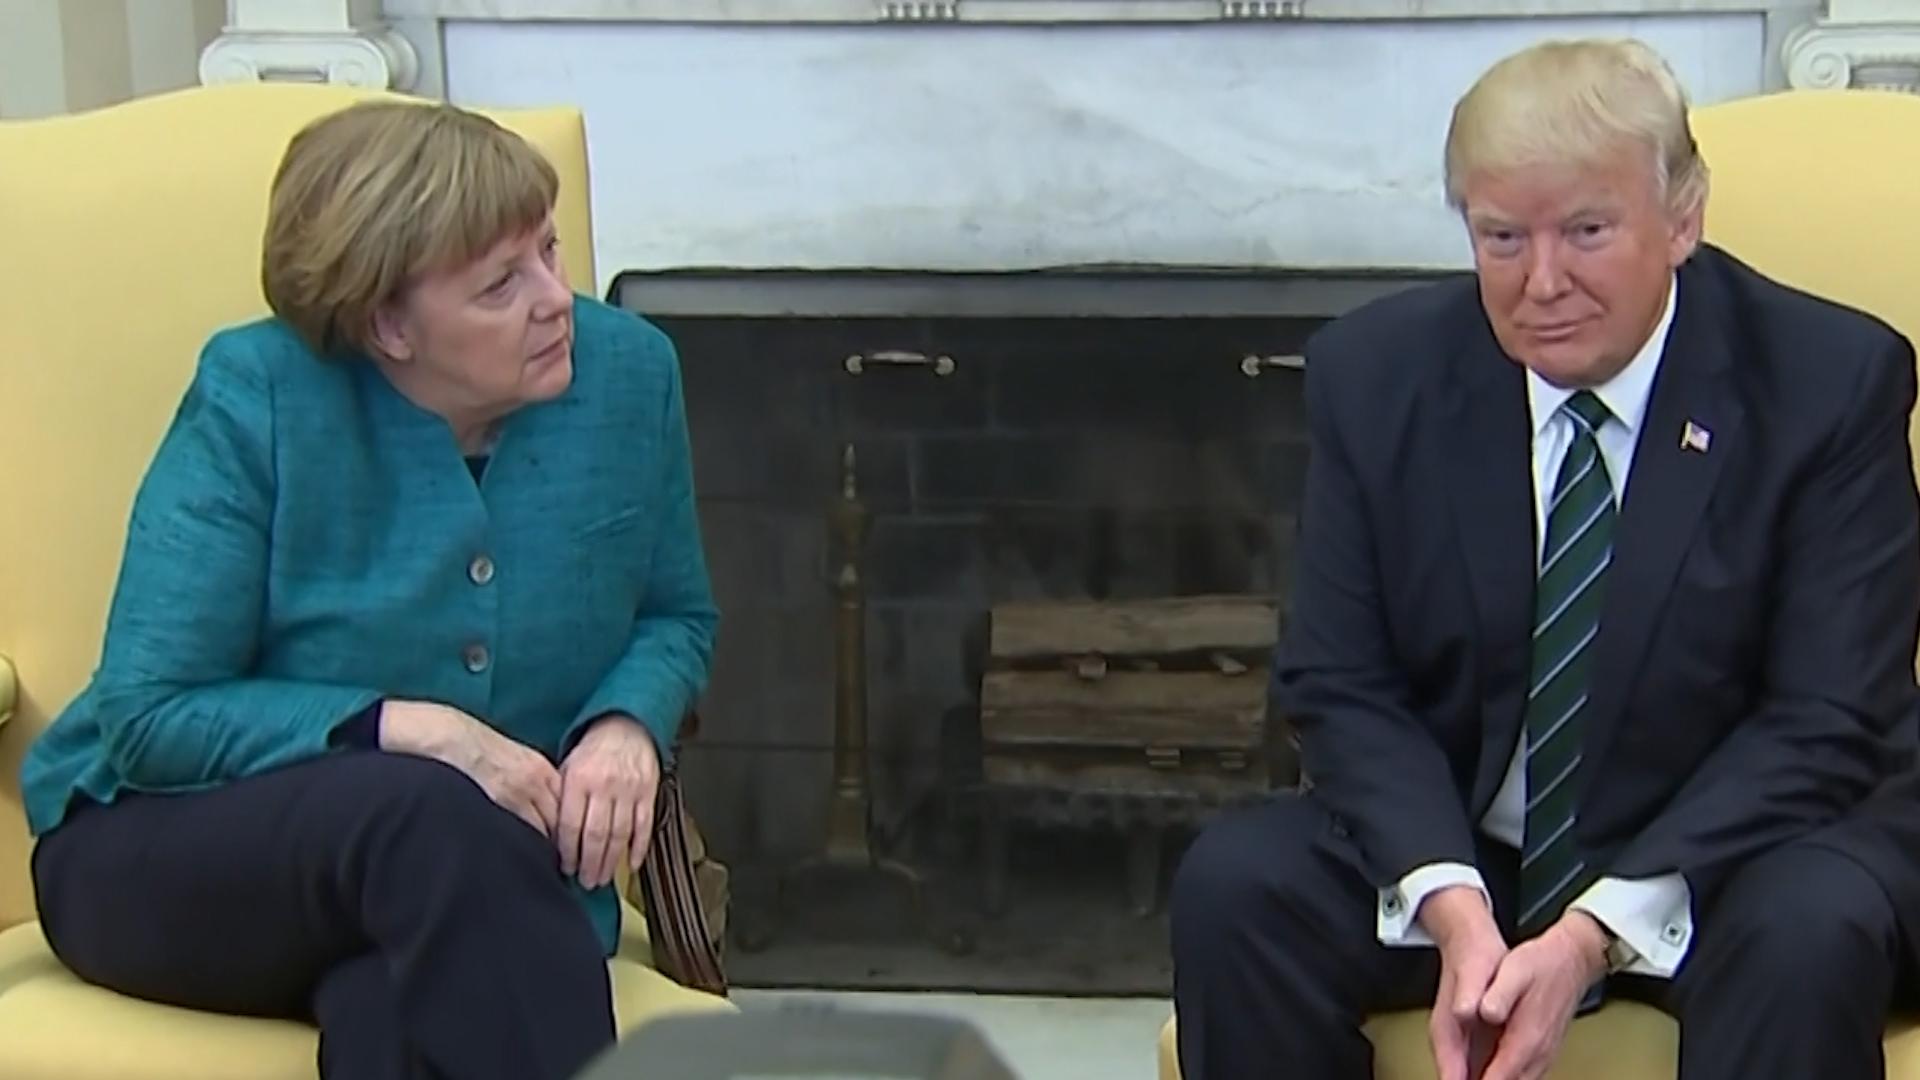 وقت التصالح مع الأوروبيين بعد النزاع بشأن إيران